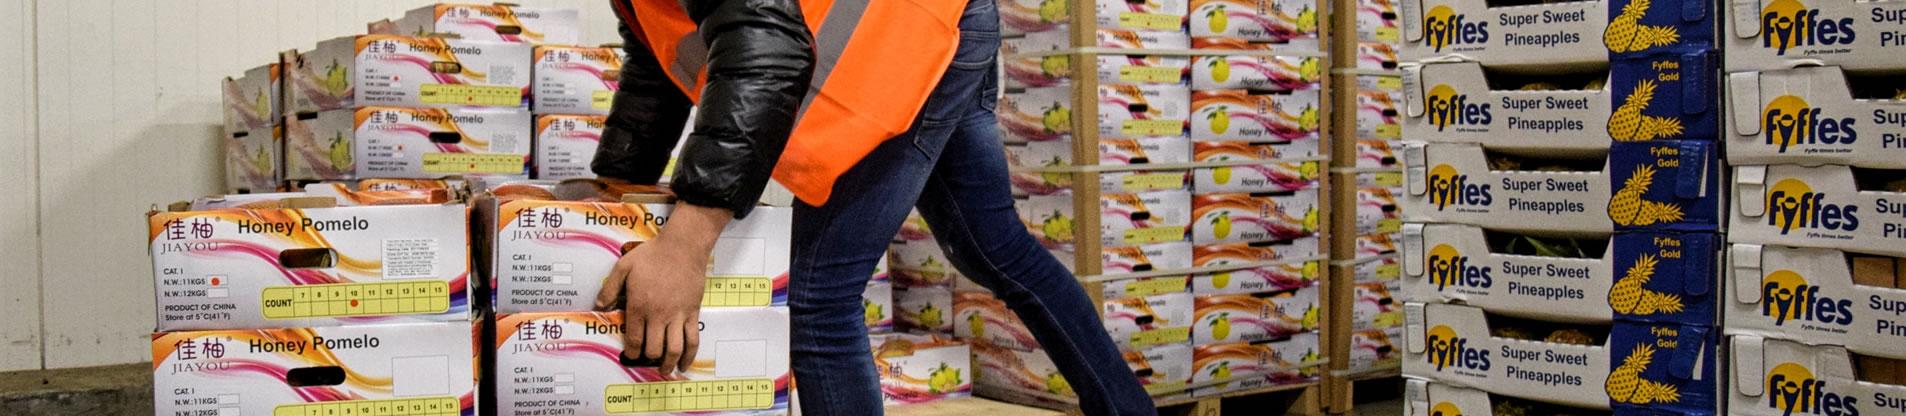 importateur-de-fruits-exotiques-et-fruits-de-contre-saison-marseille-france-6